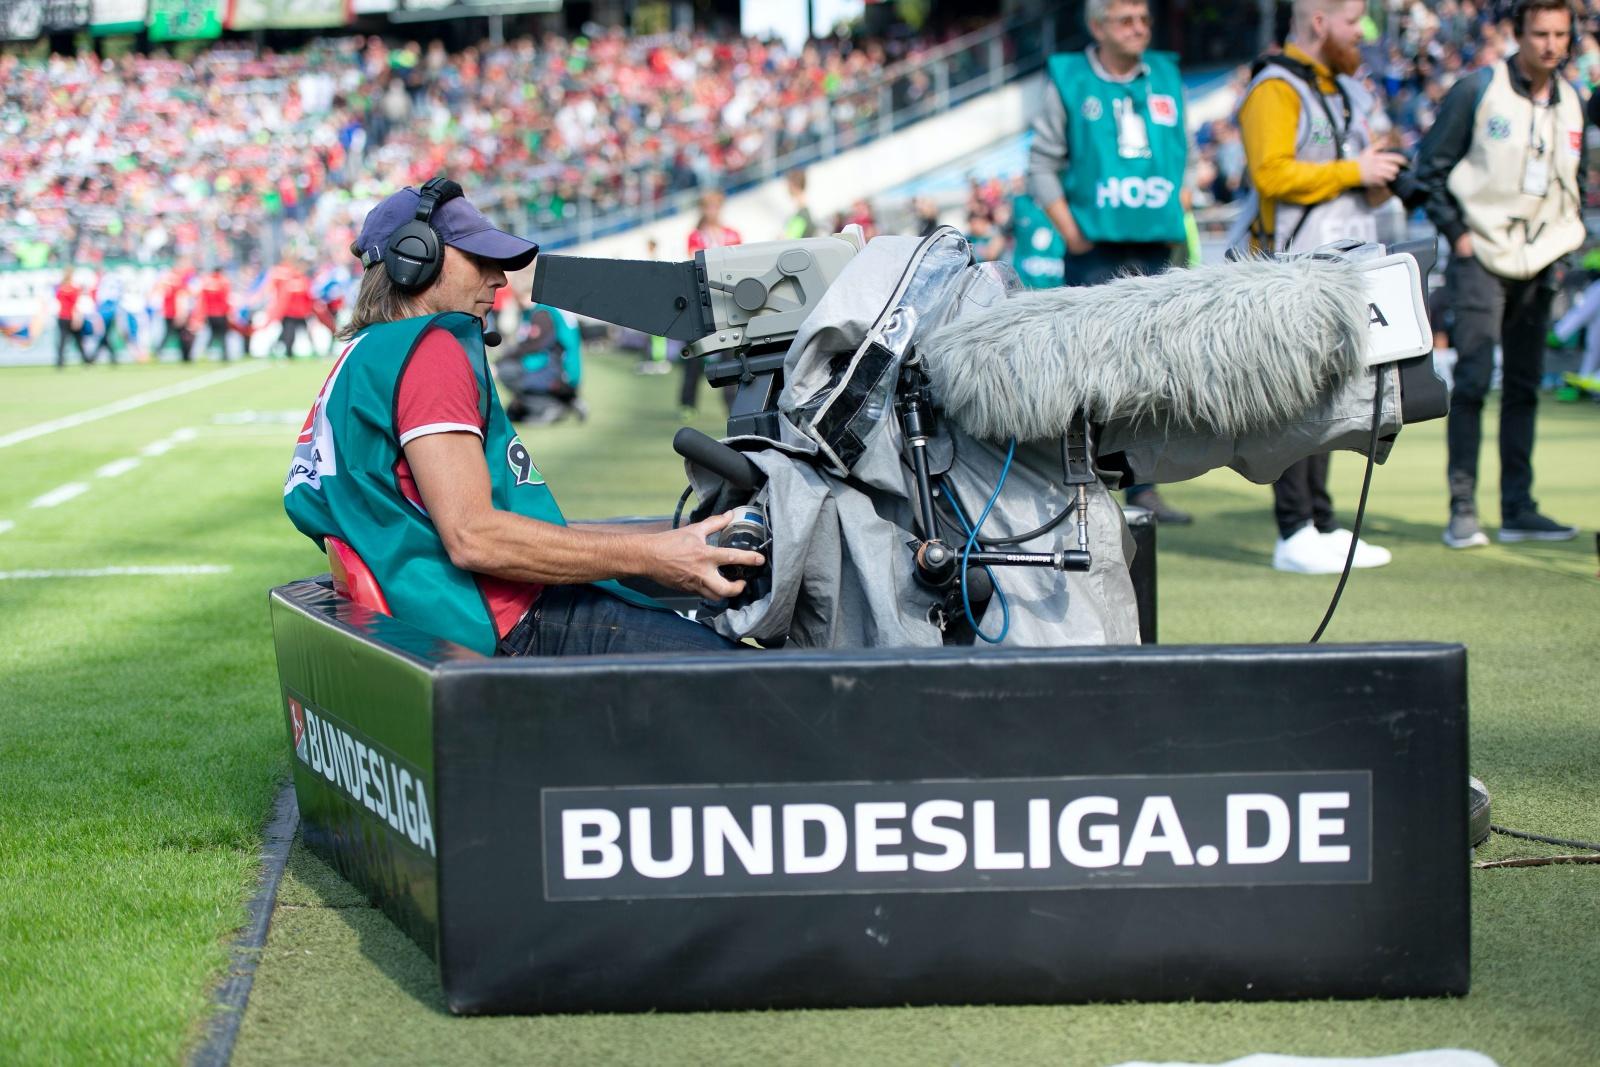 2. Bundesliga Im Free Tv